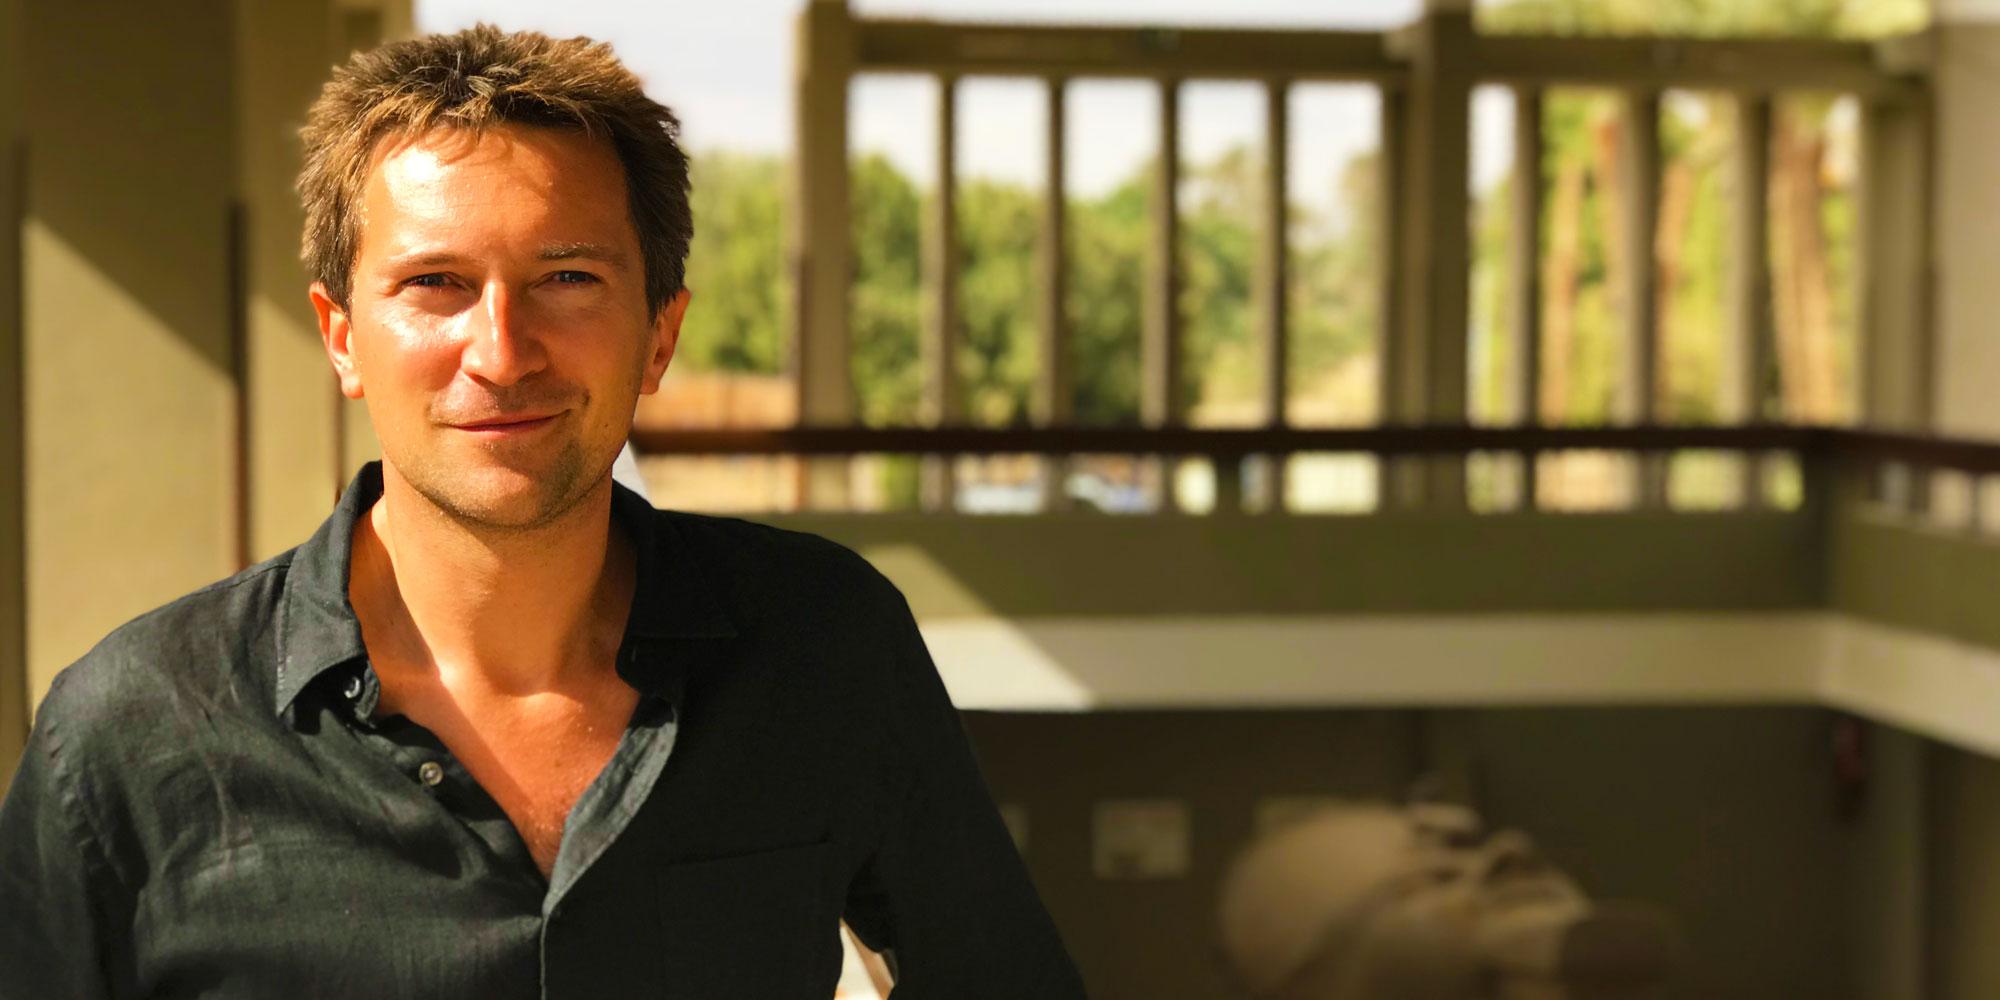 Profile-Picture-Michael-Scott